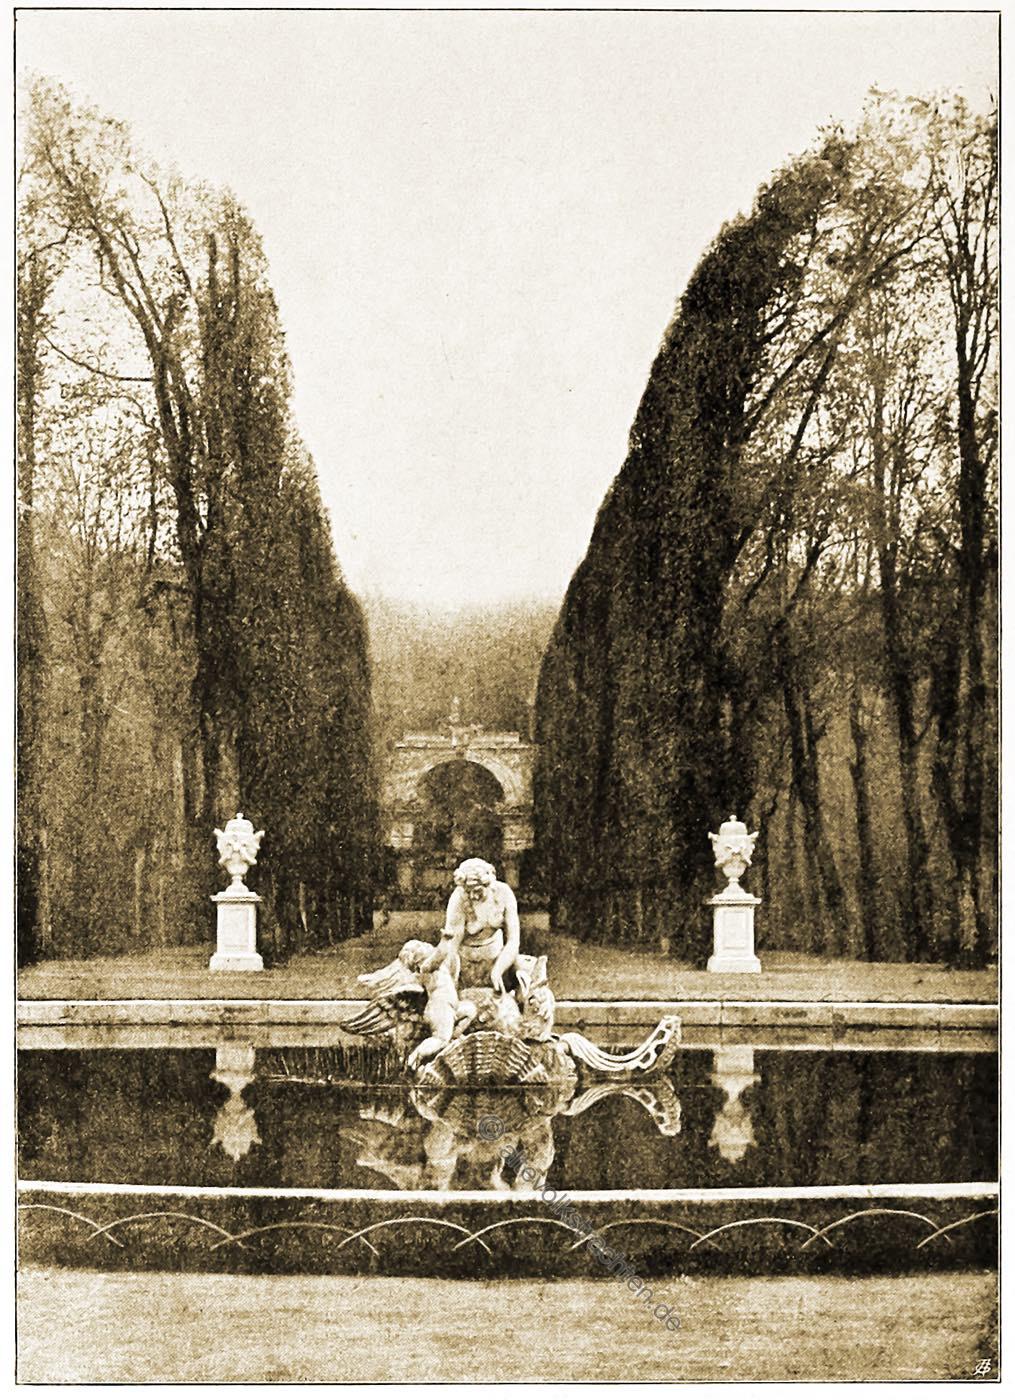 Wien, Brunnen, Österreich, Architektur, Schönbrunn, Park, Hartwig Fischel,